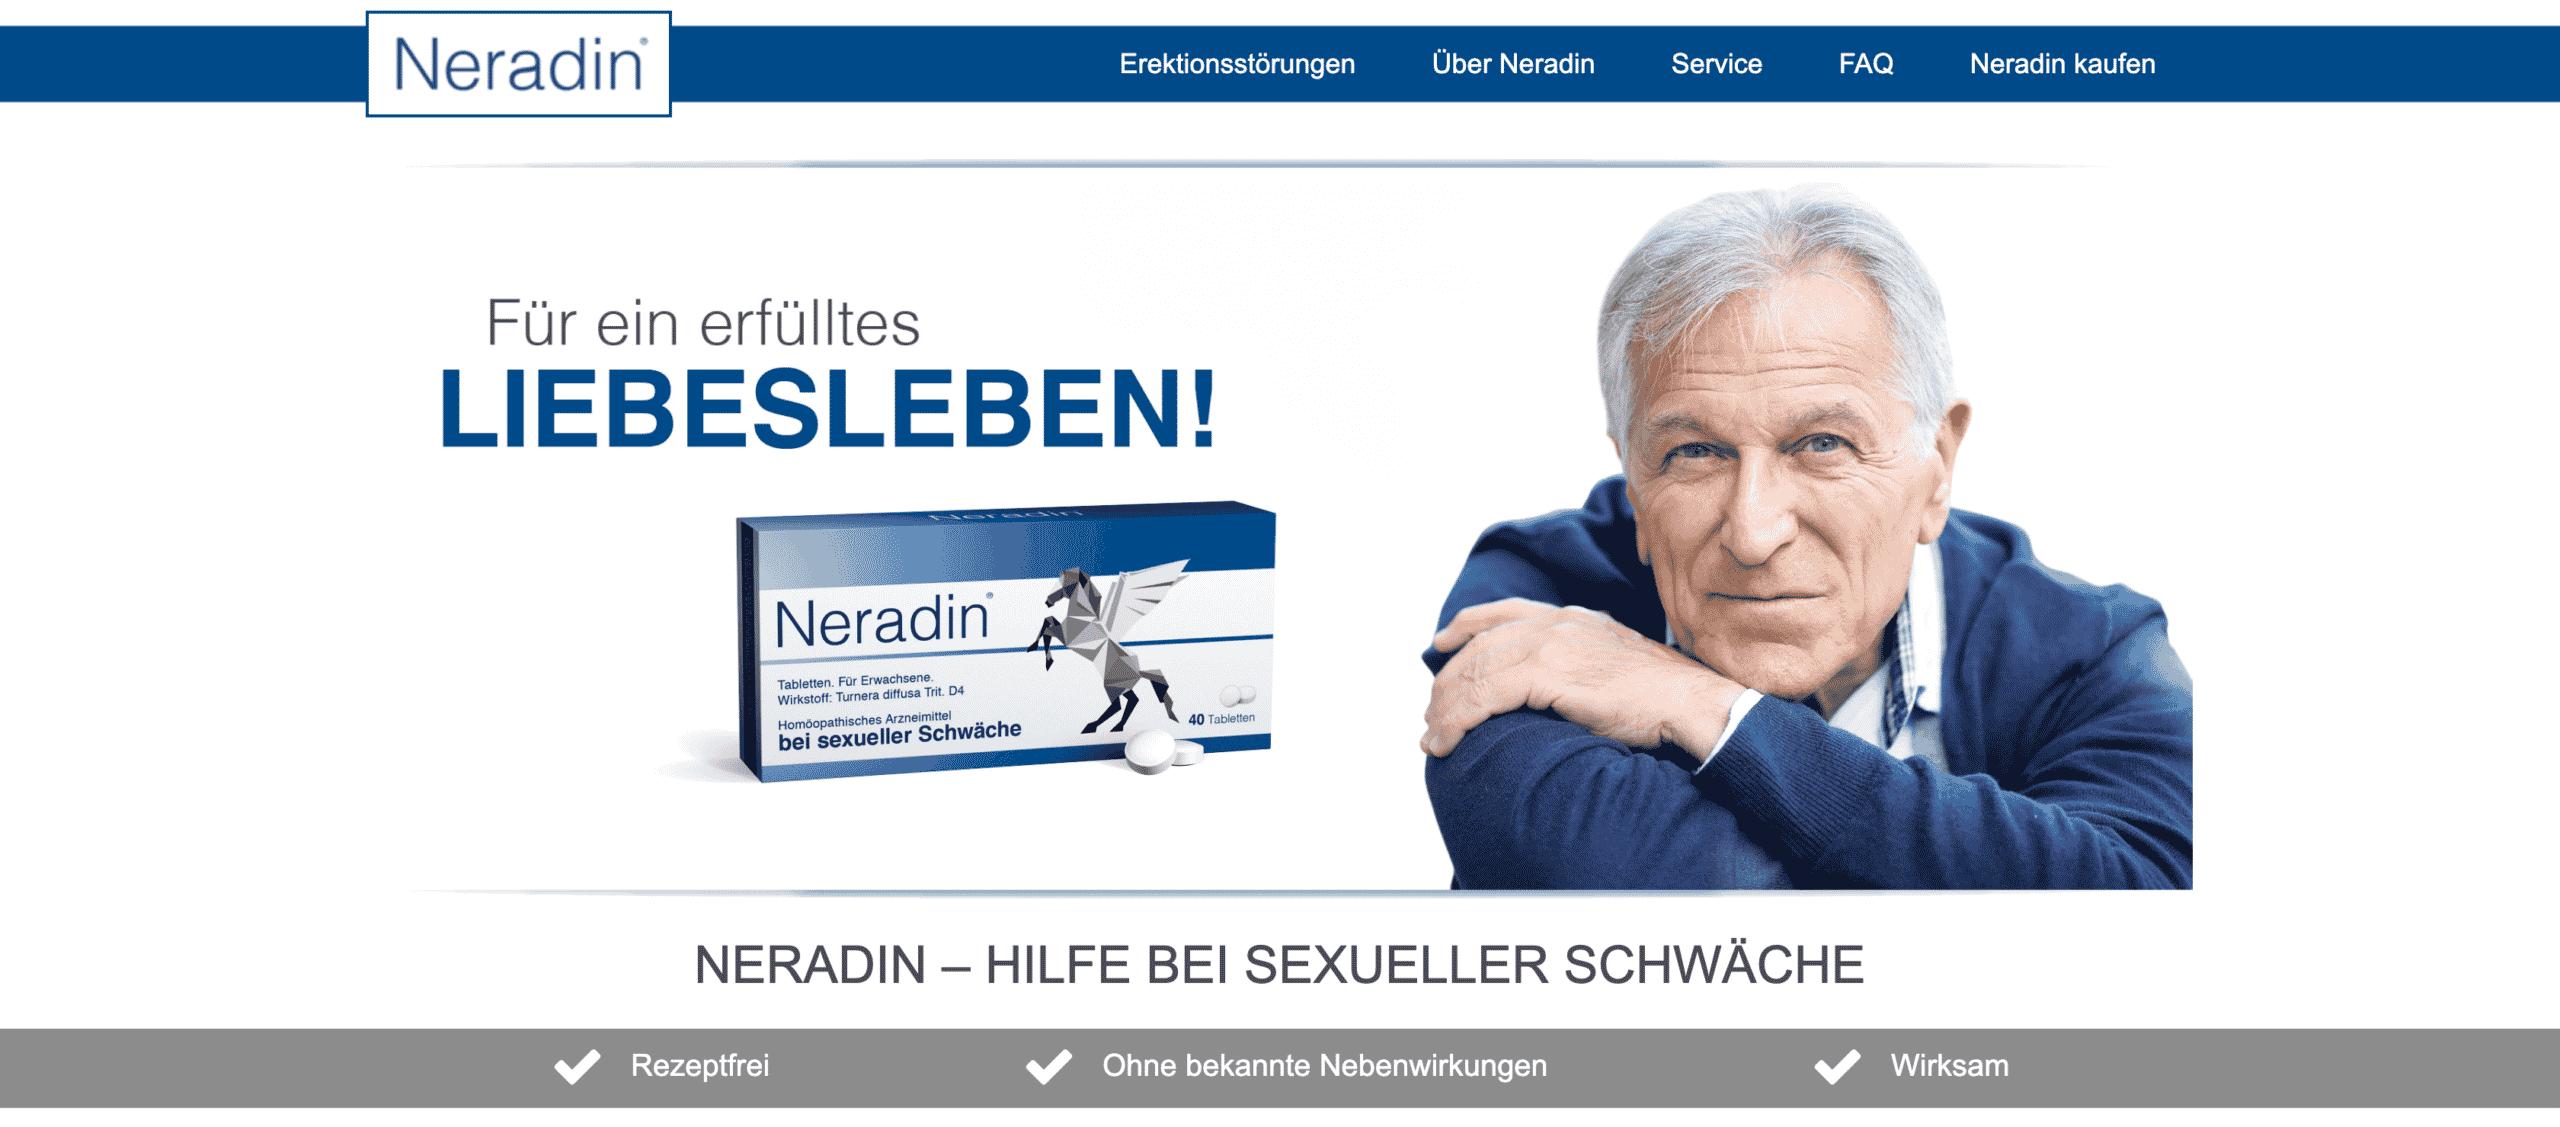 Neradin Webseite